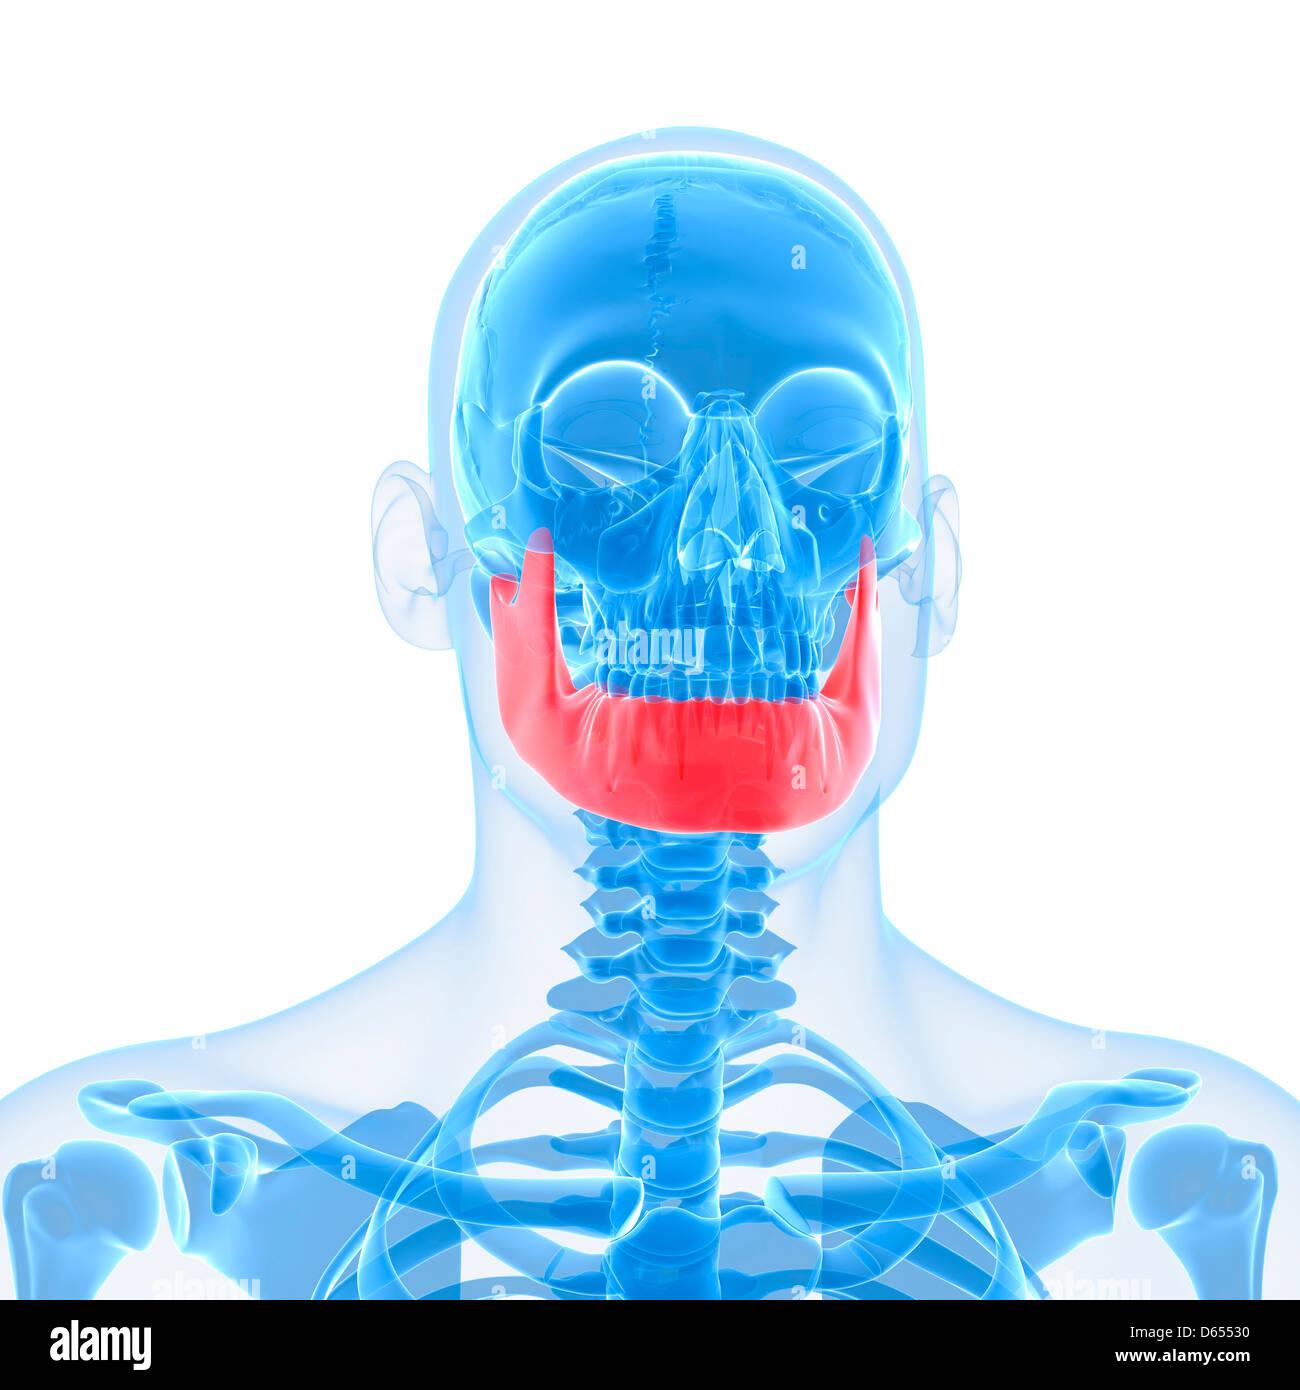 Lower Jaw Bone Artwork Stock Photo 55432804 Alamy